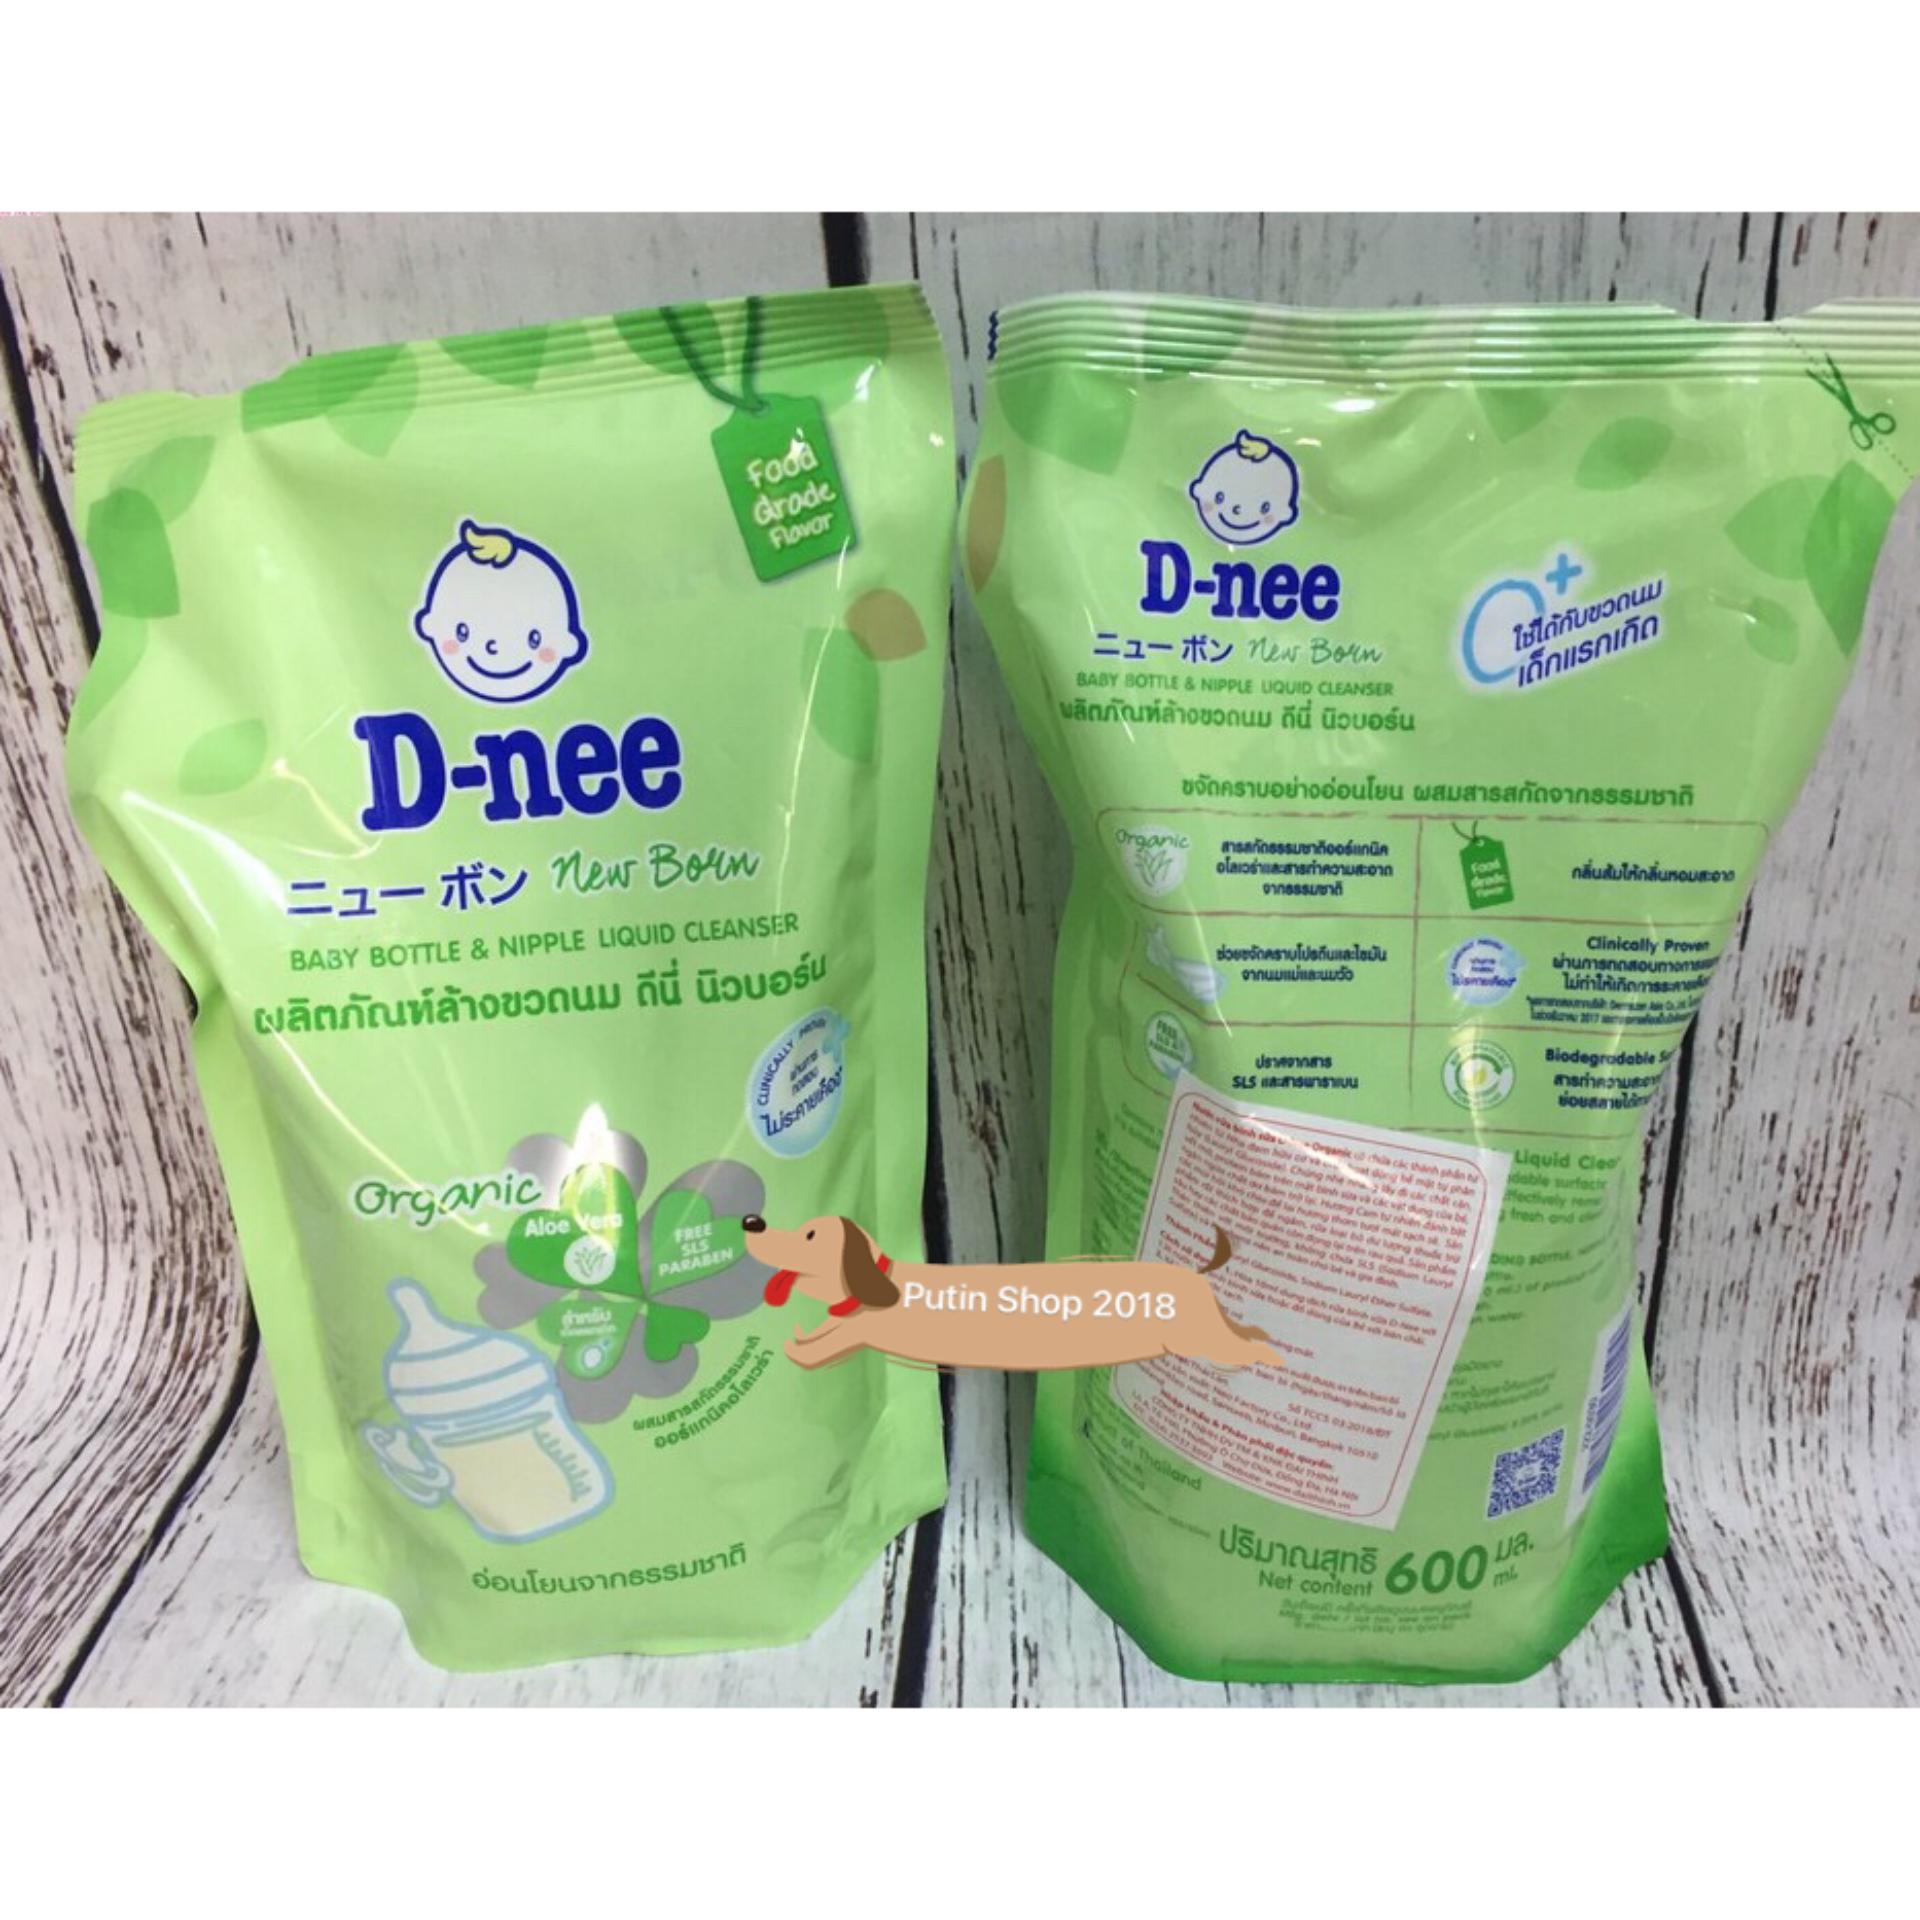 Nước rửa bình sữa và rau củ quả Dnee túi (600ml) Thái Lan (Hàng công ty chính hãng)